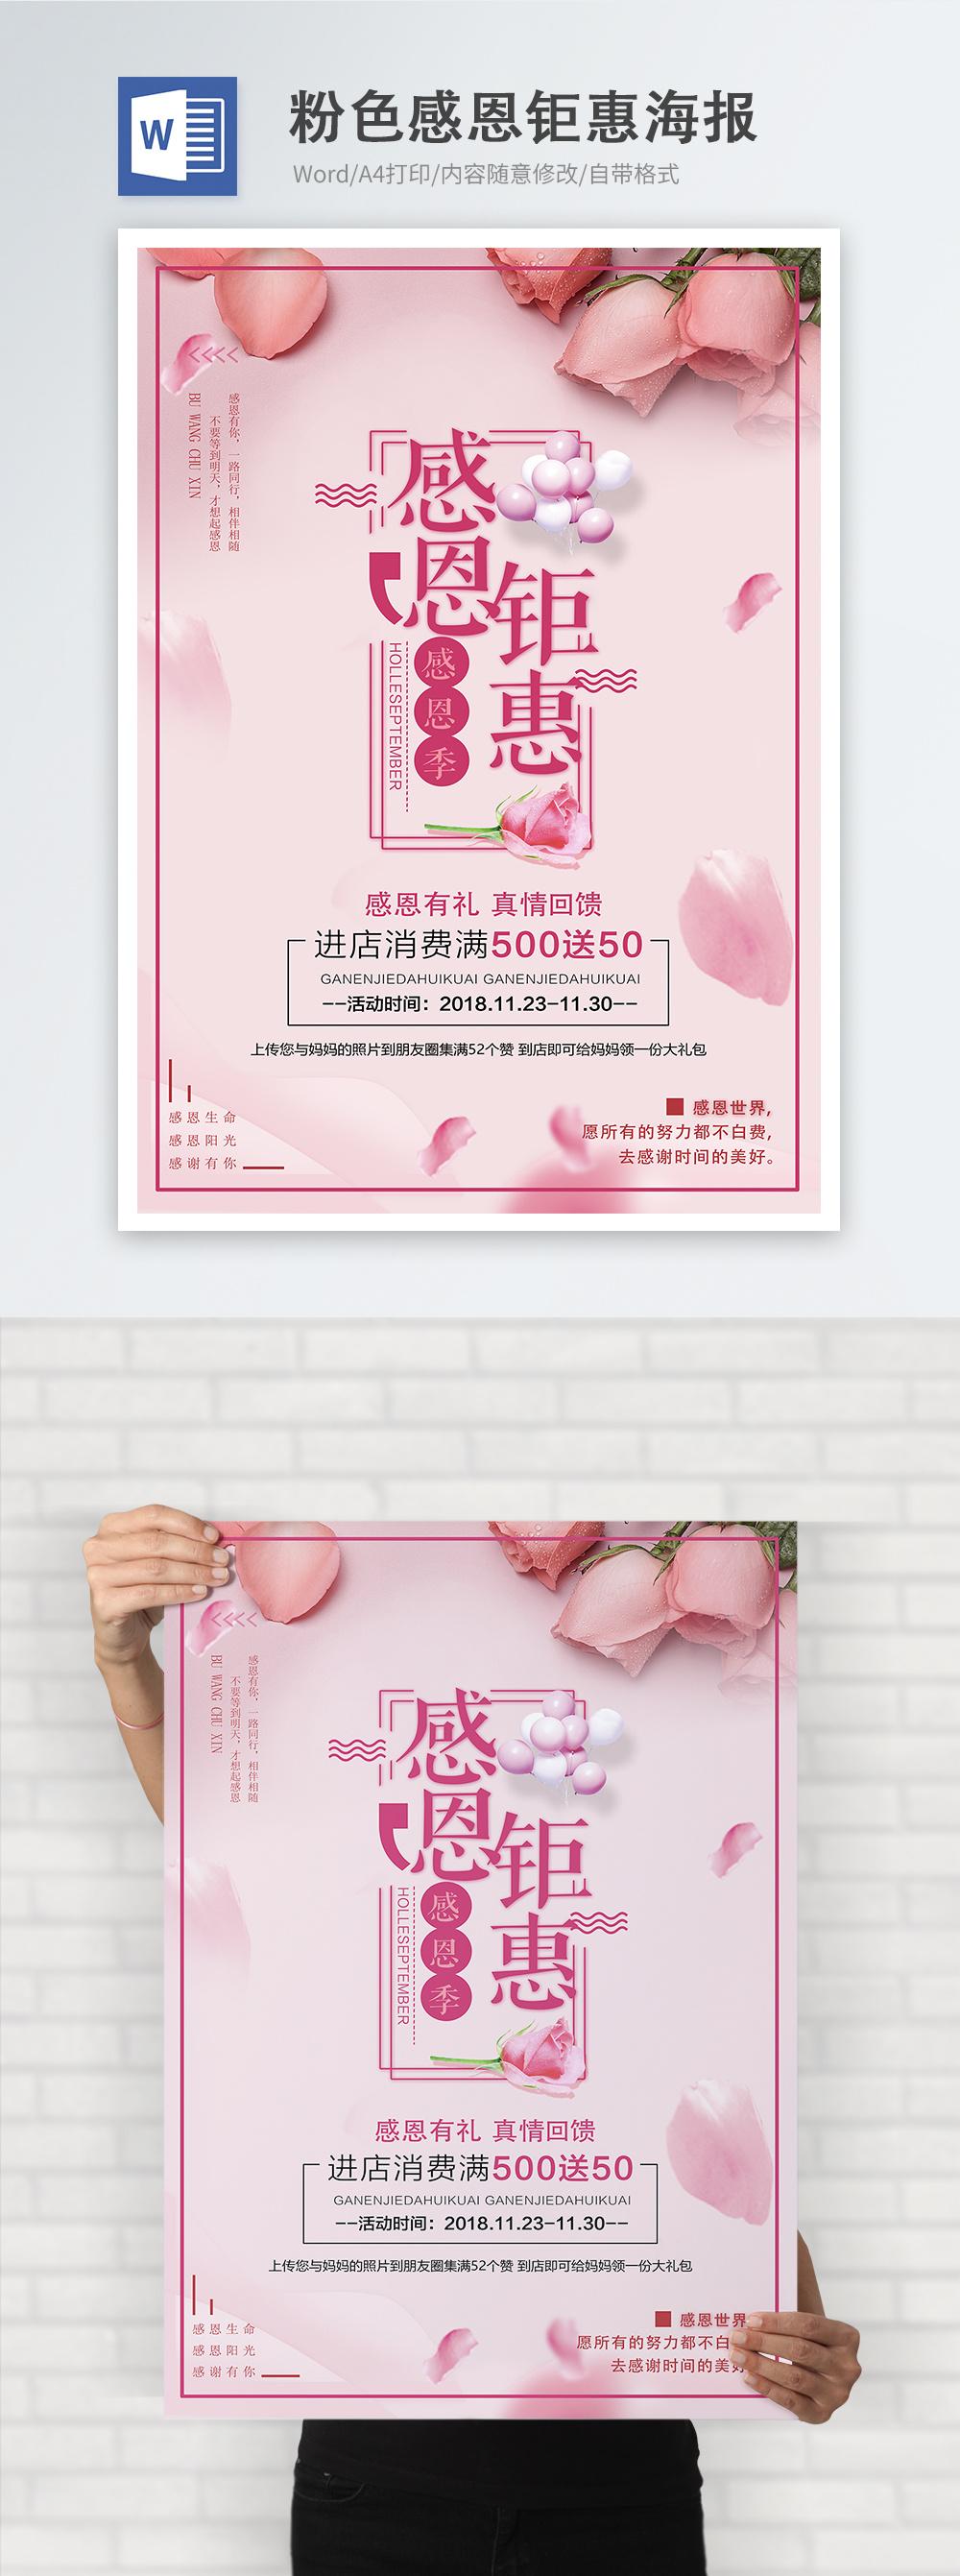 粉色感恩钜惠word海报图片